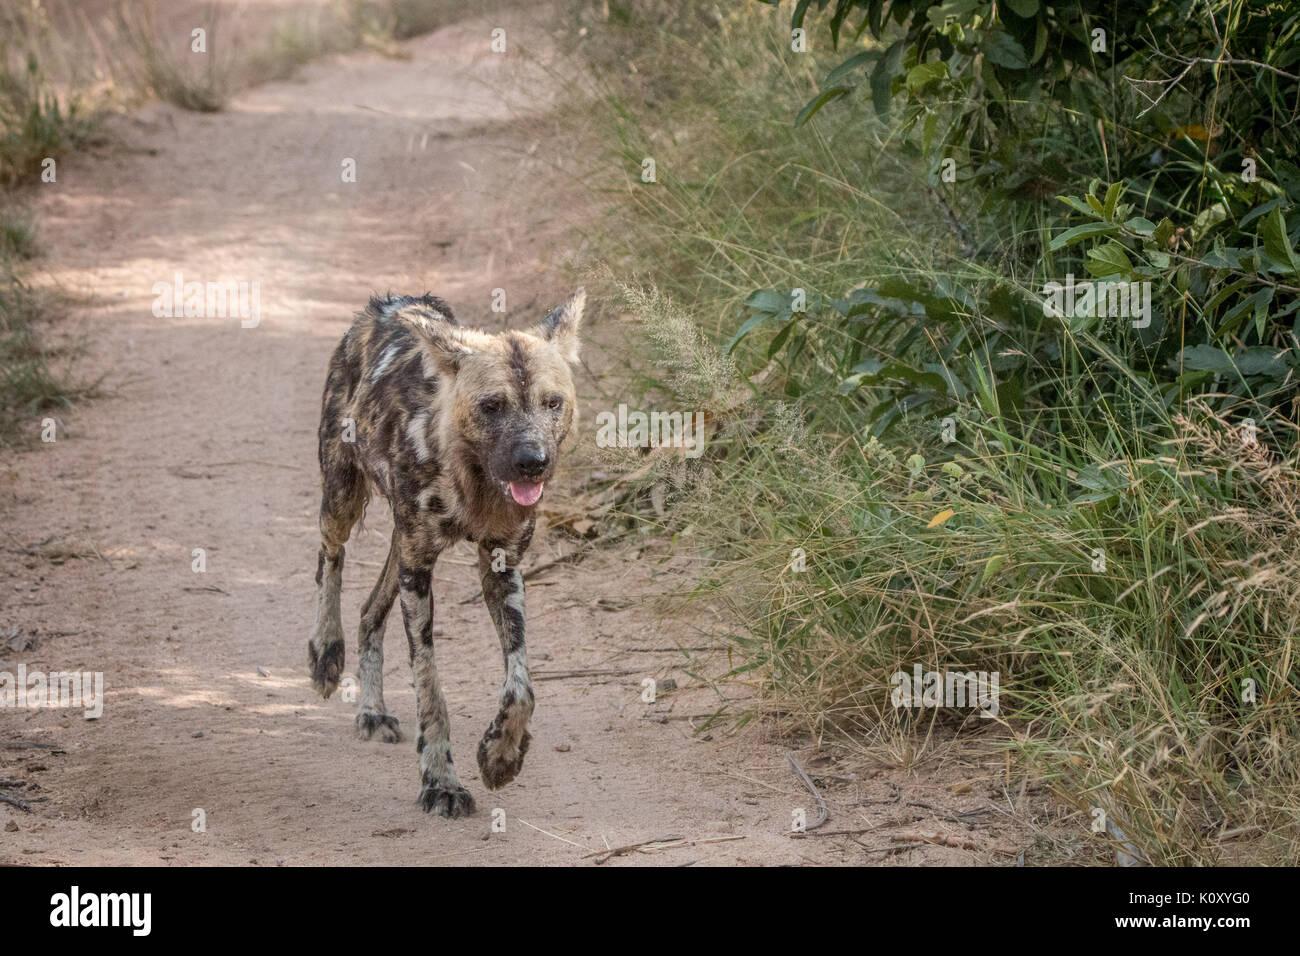 African wild dog running